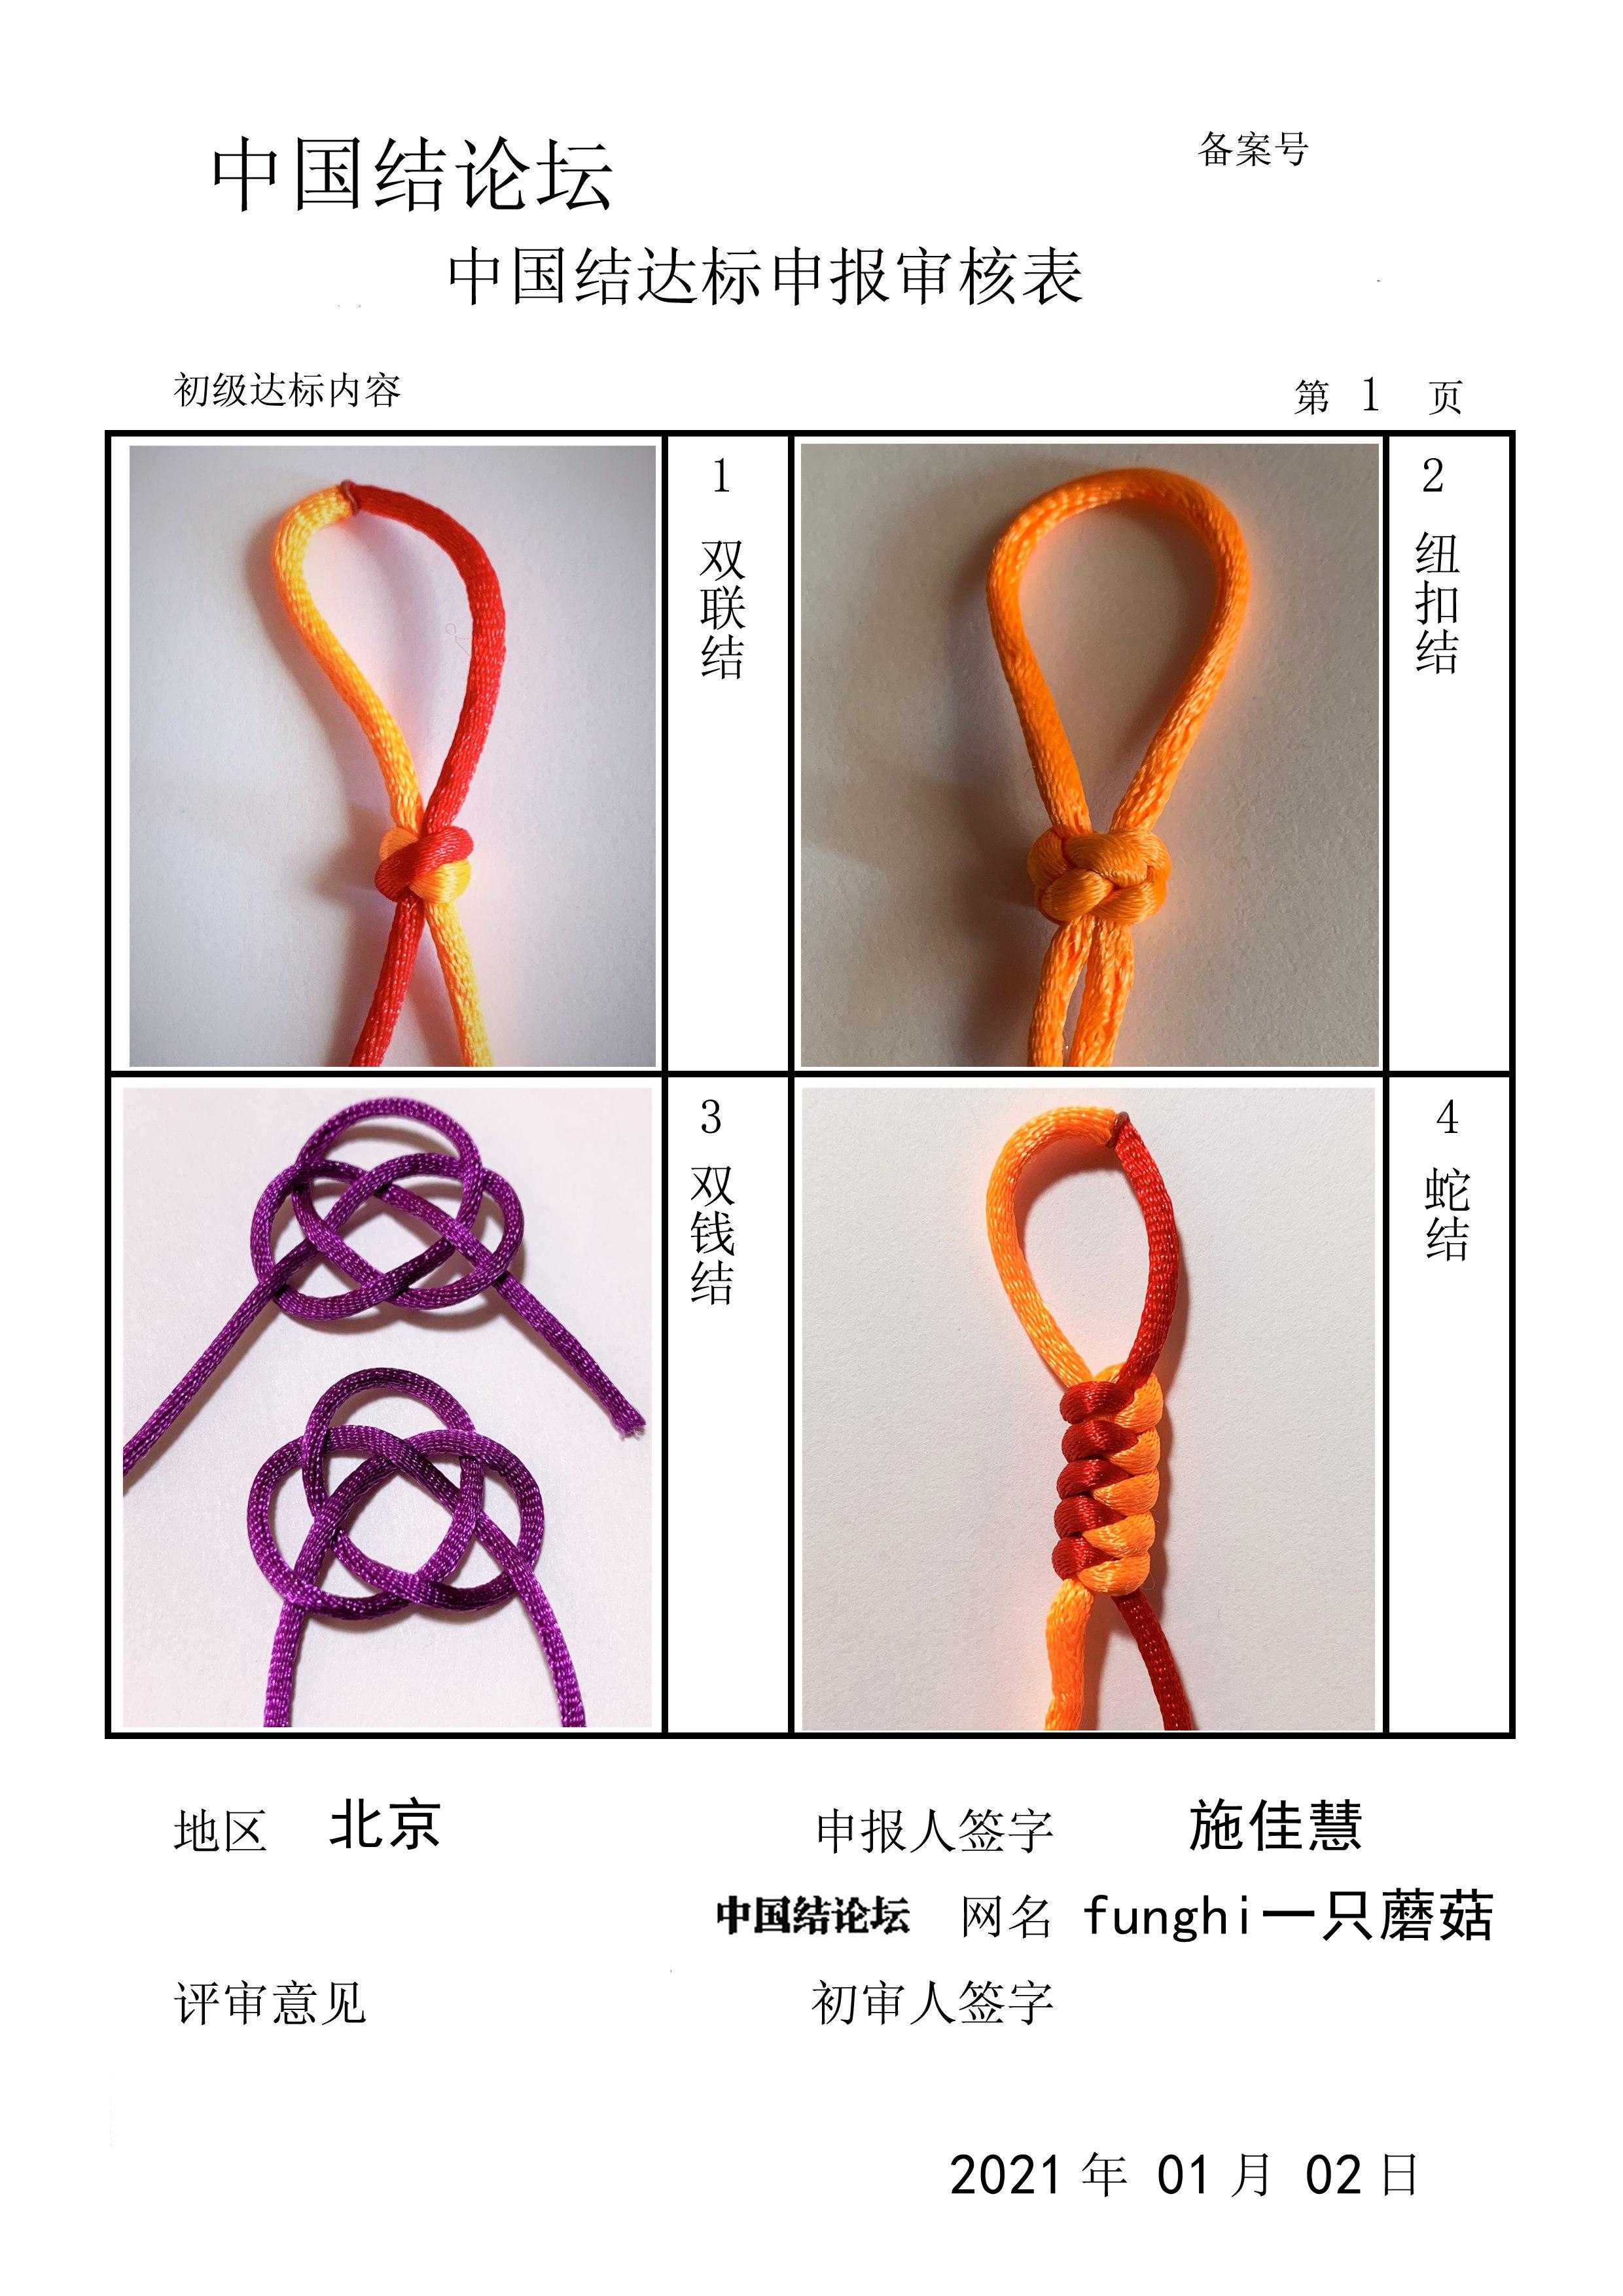 中国结论坛 funghi一只蘑菇——初级达标审核申请 蘑菇丁企业审核多久,蘑菇贷坑人,白蘑菇,蘑菇,一什么蘑菇 中国绳结艺术分级达标审核 225920rizkc56t7i7tssaq